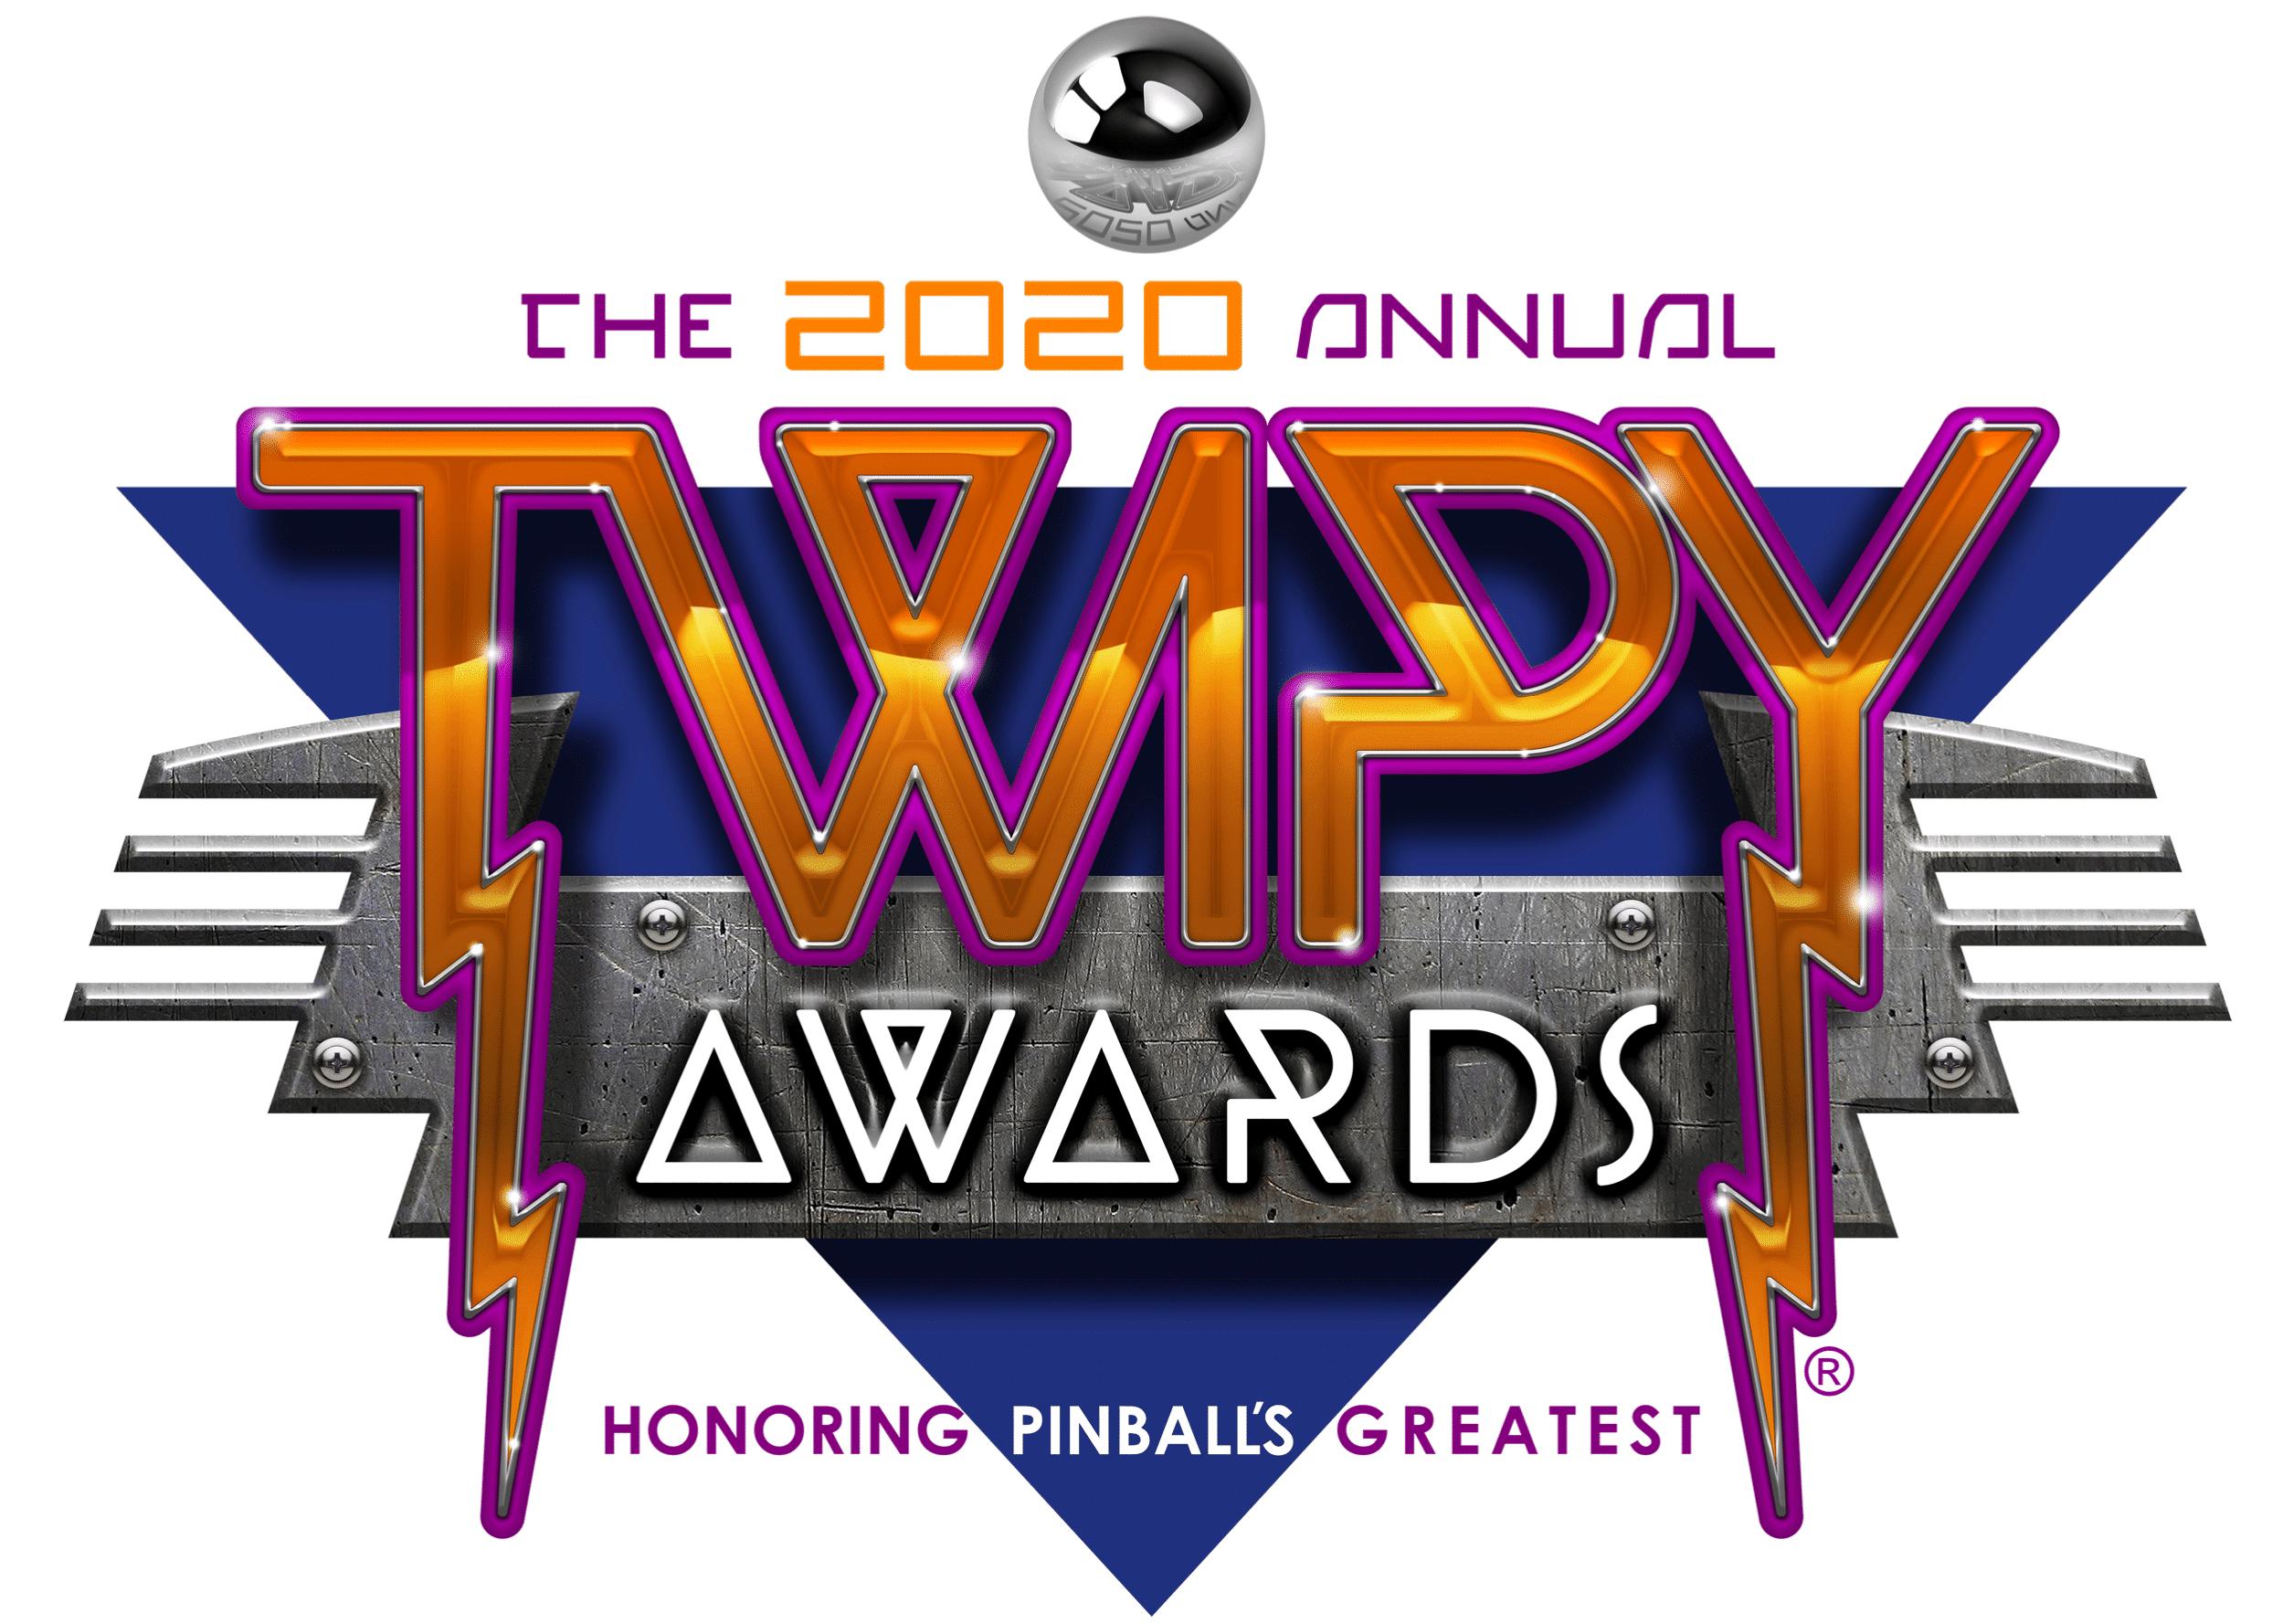 2021 Twipy awards